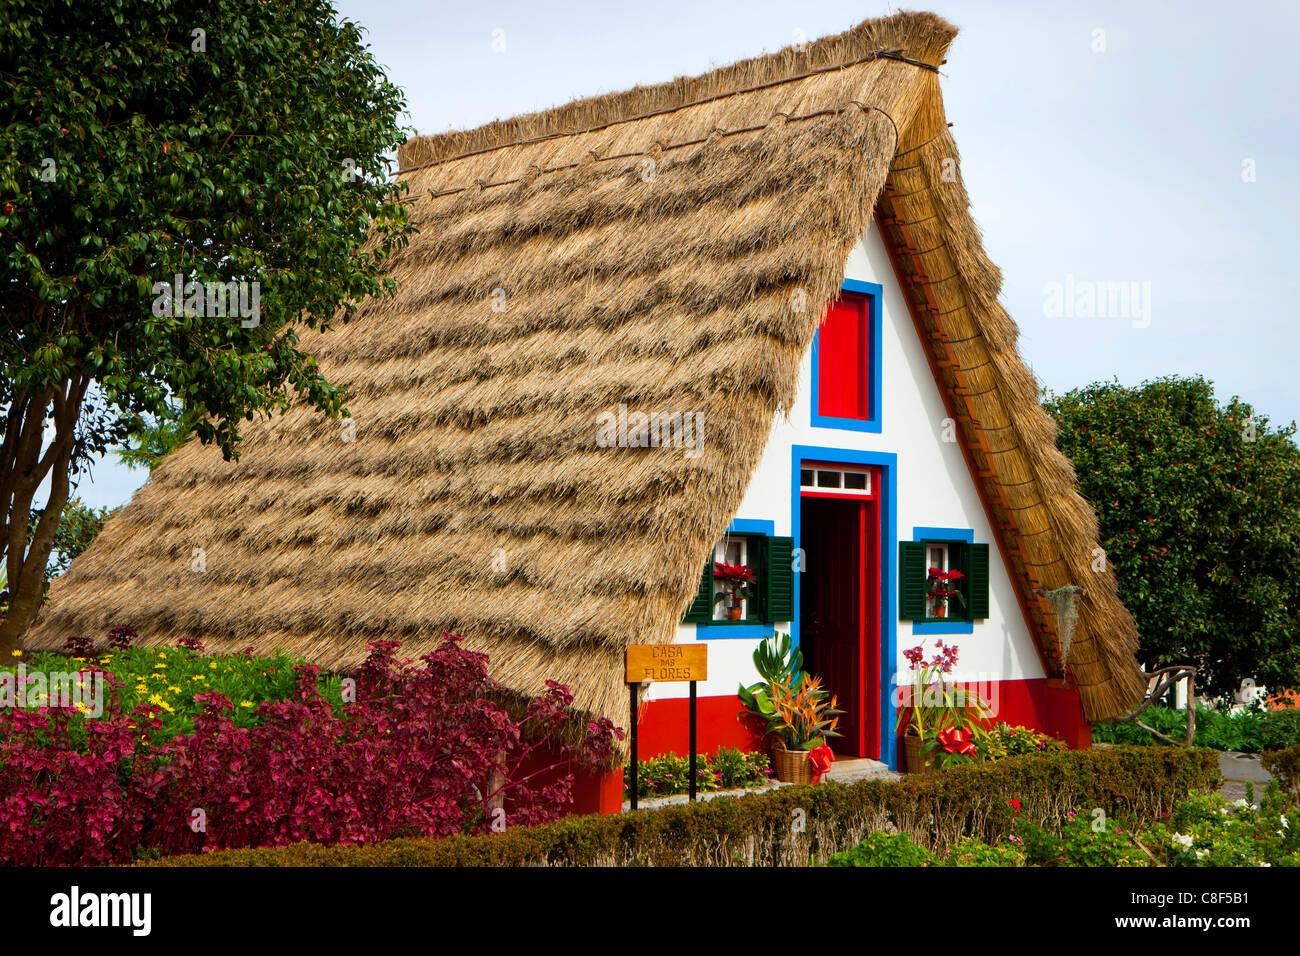 santana portugal europa madeira casas de colmo